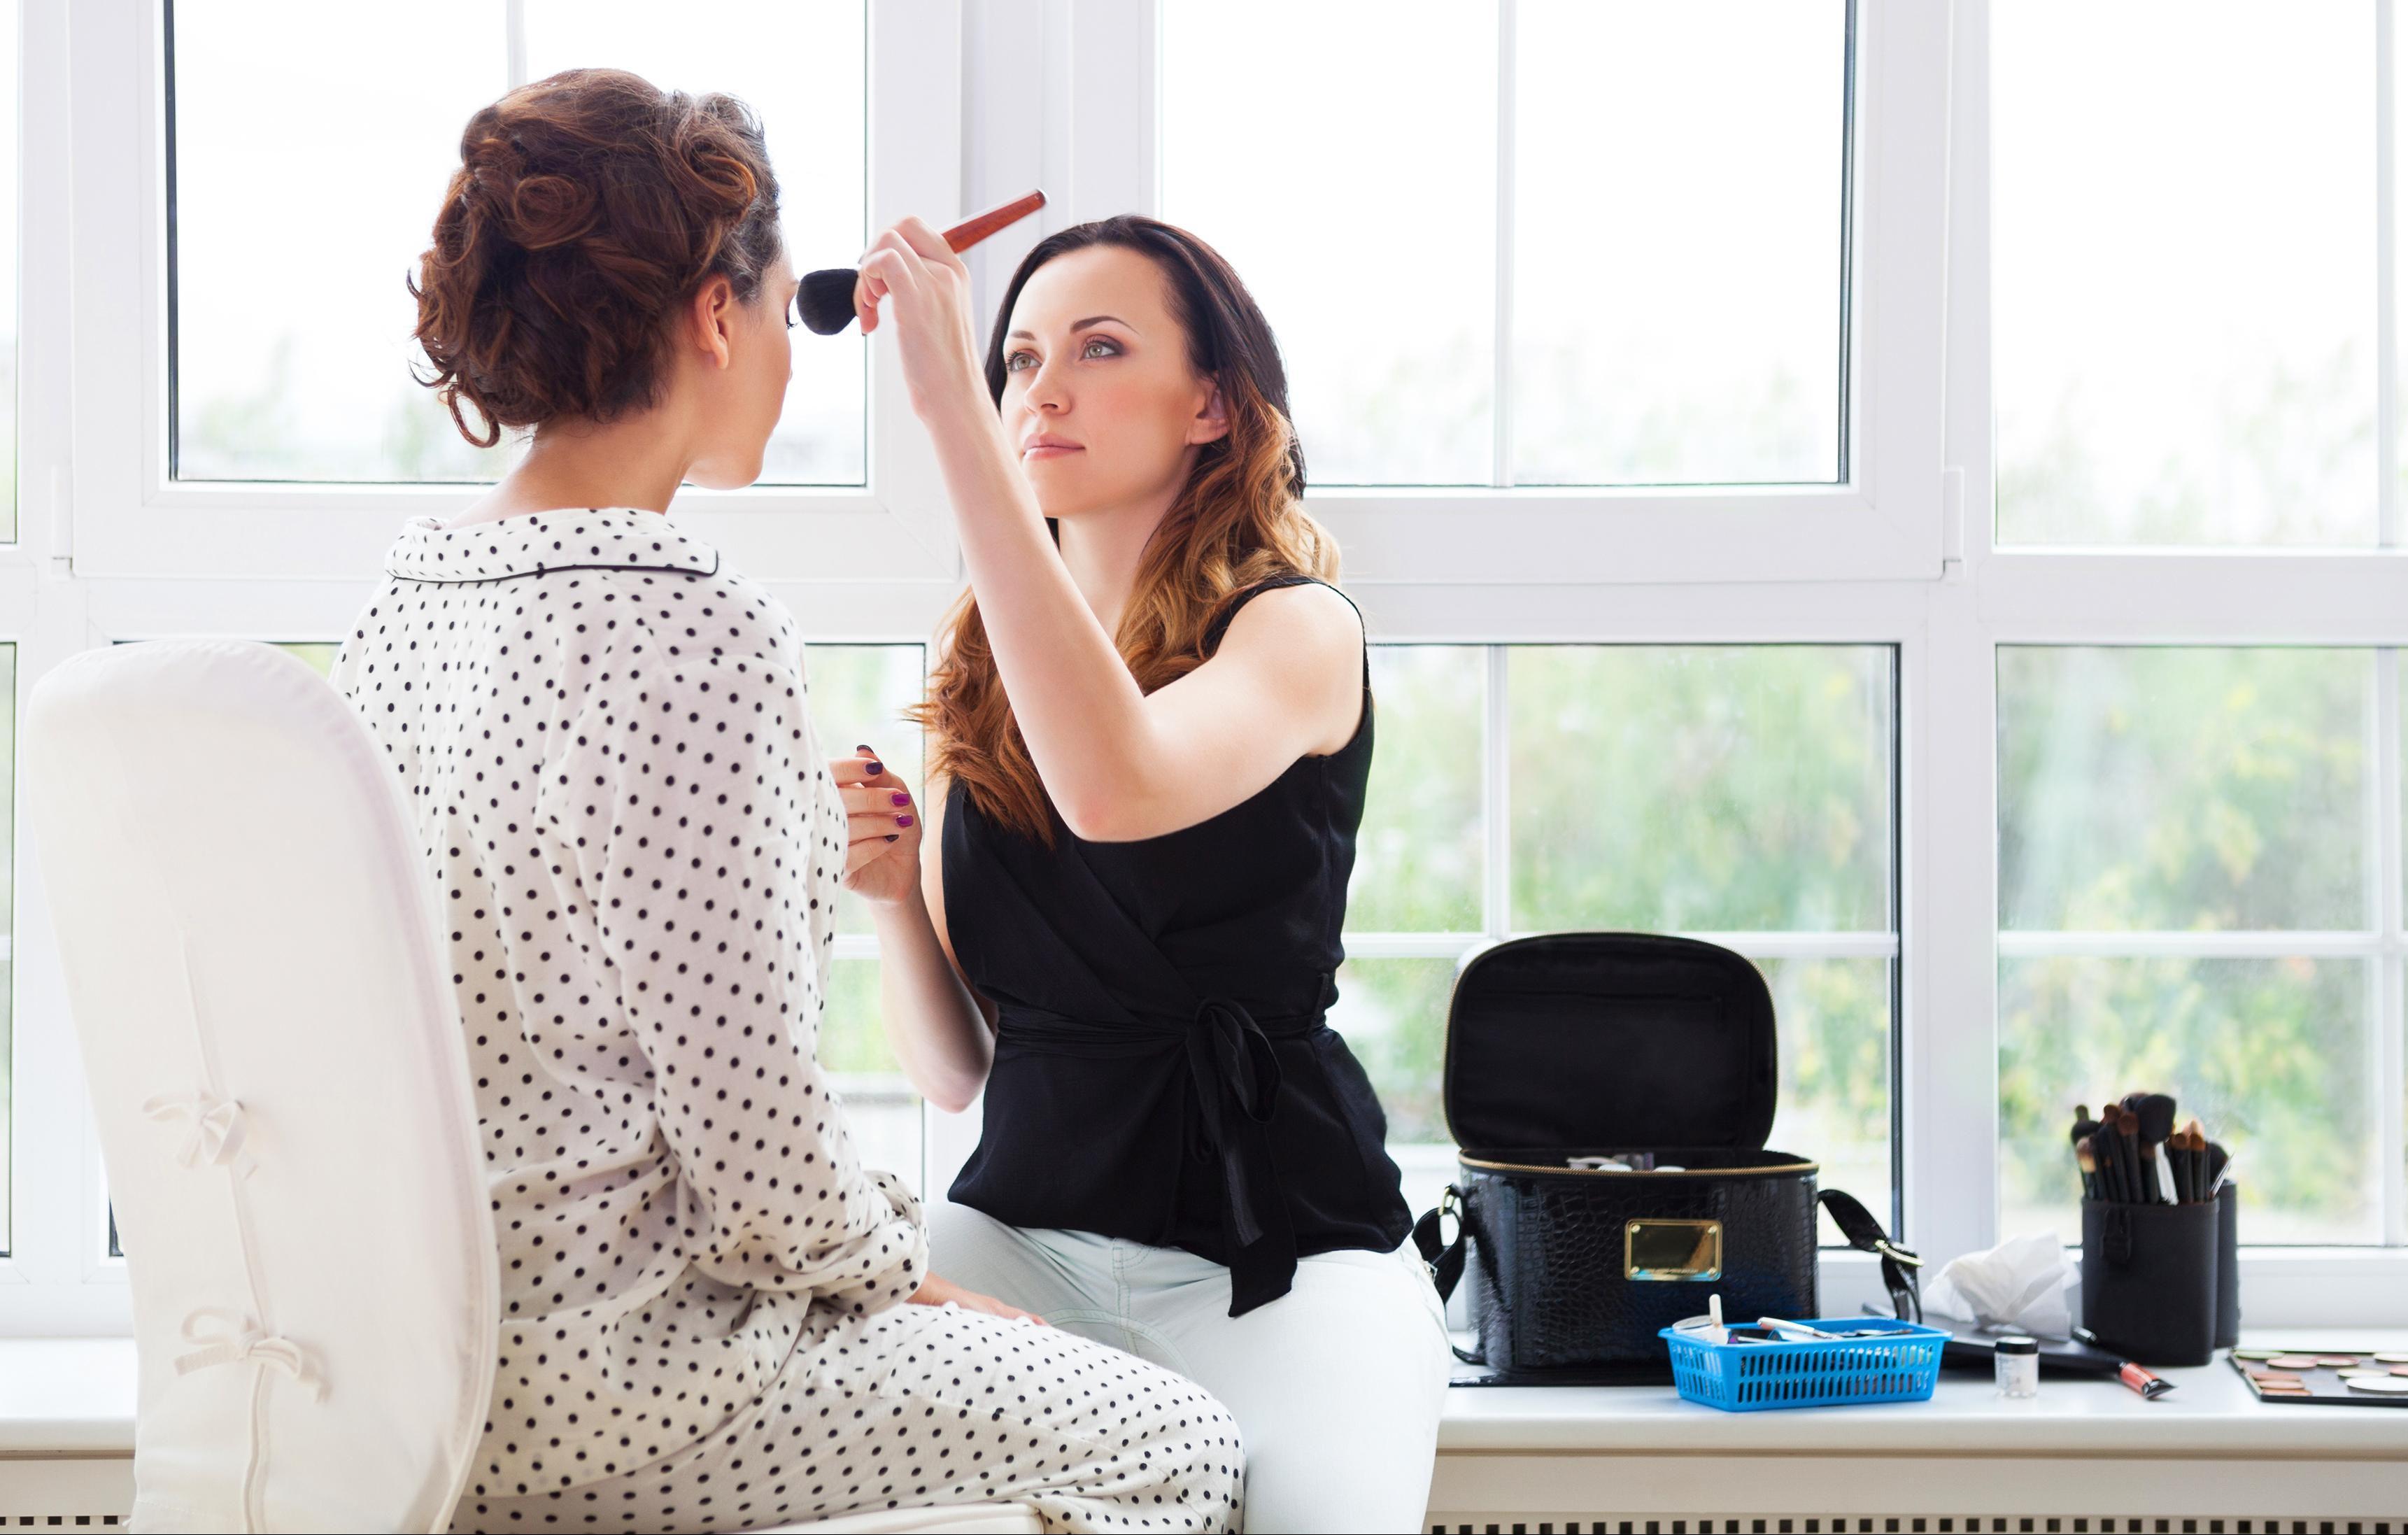 Radite li i vi ovo u kozmetičkim salonima? Ako da, smjesta prestanite!